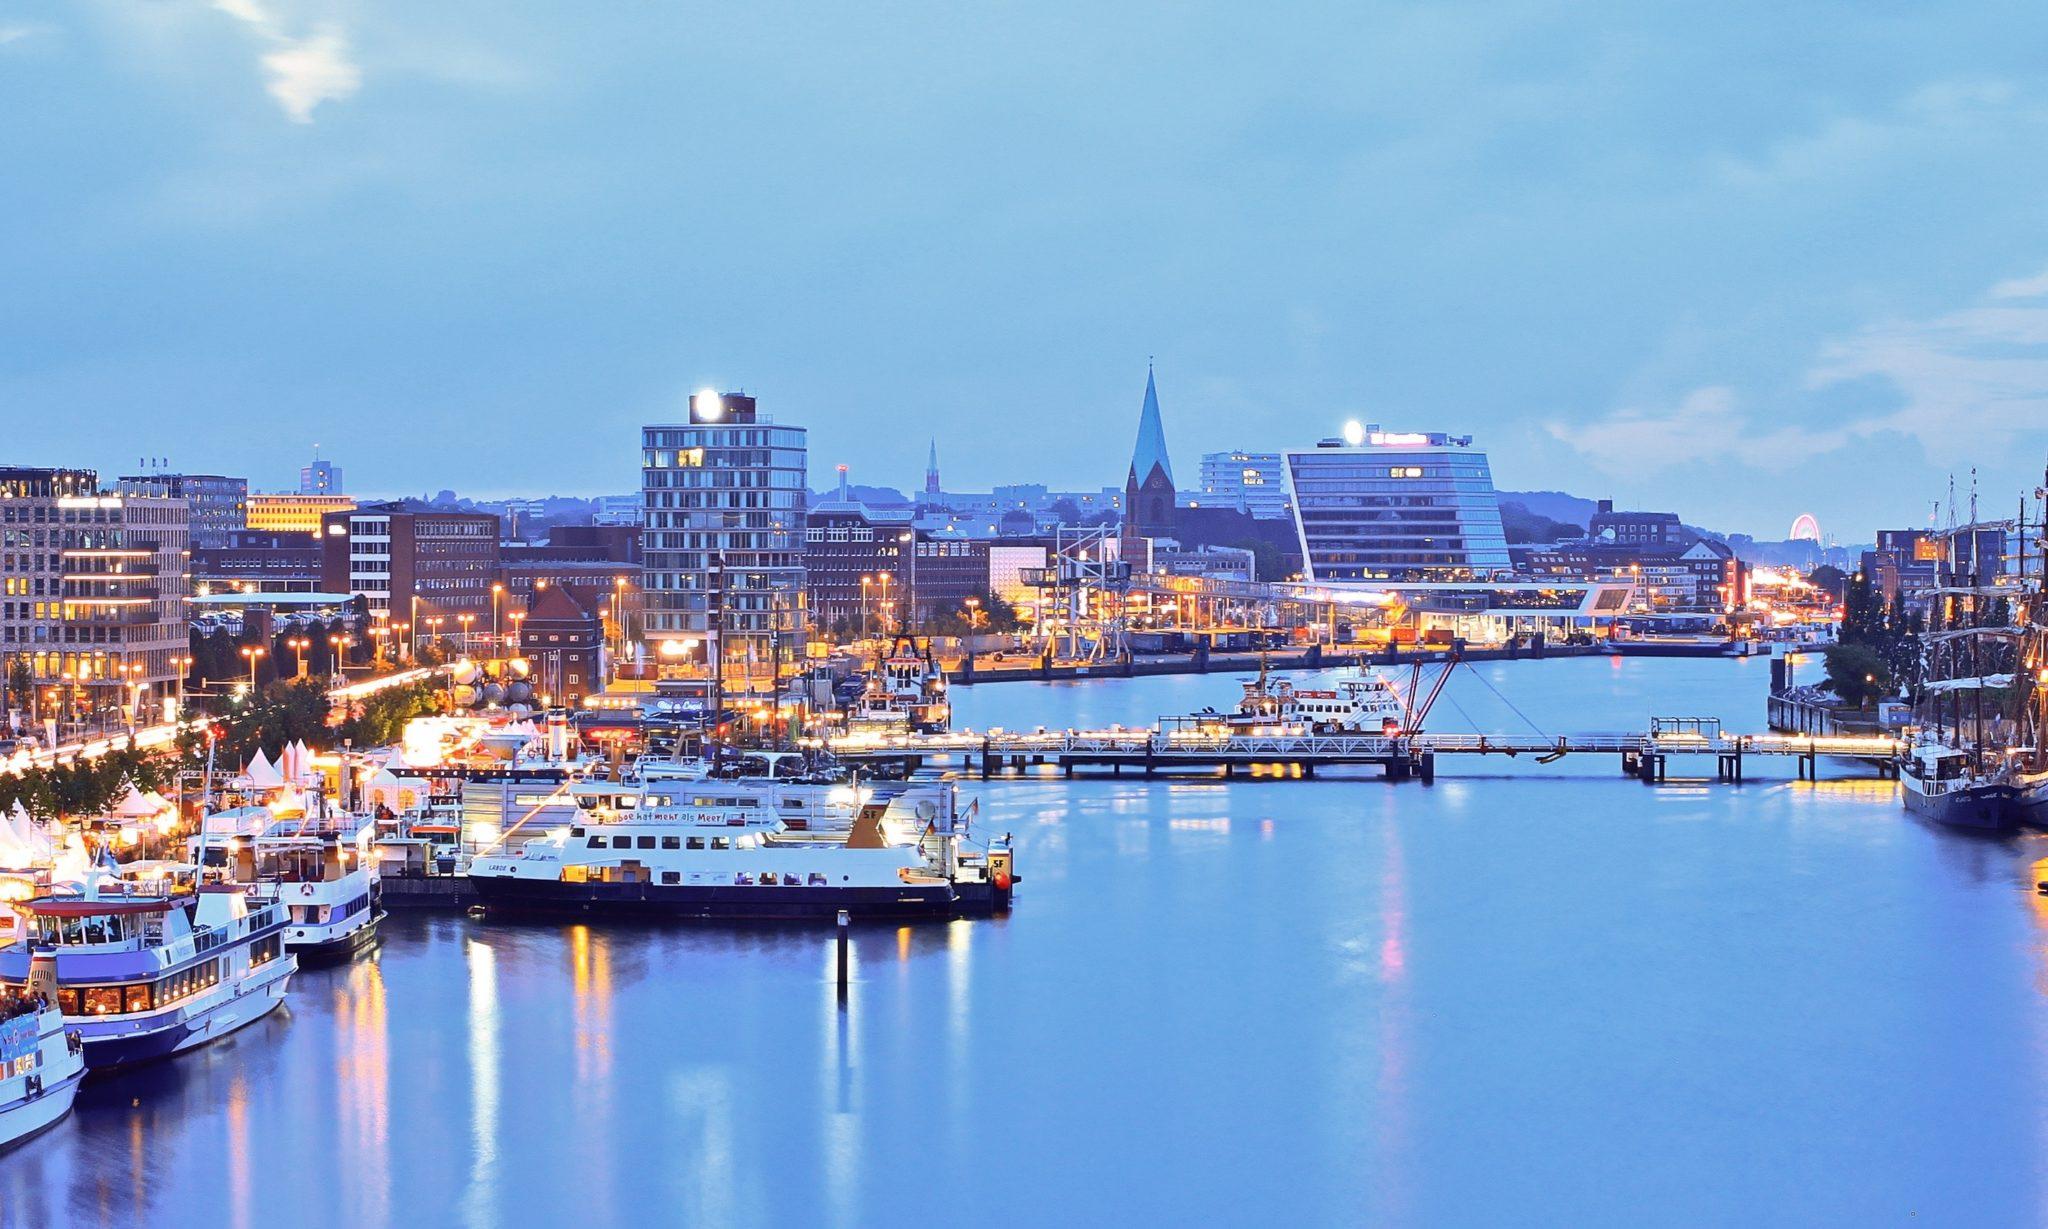 Haushaltsauflösung und Entrümpelung in Kiel